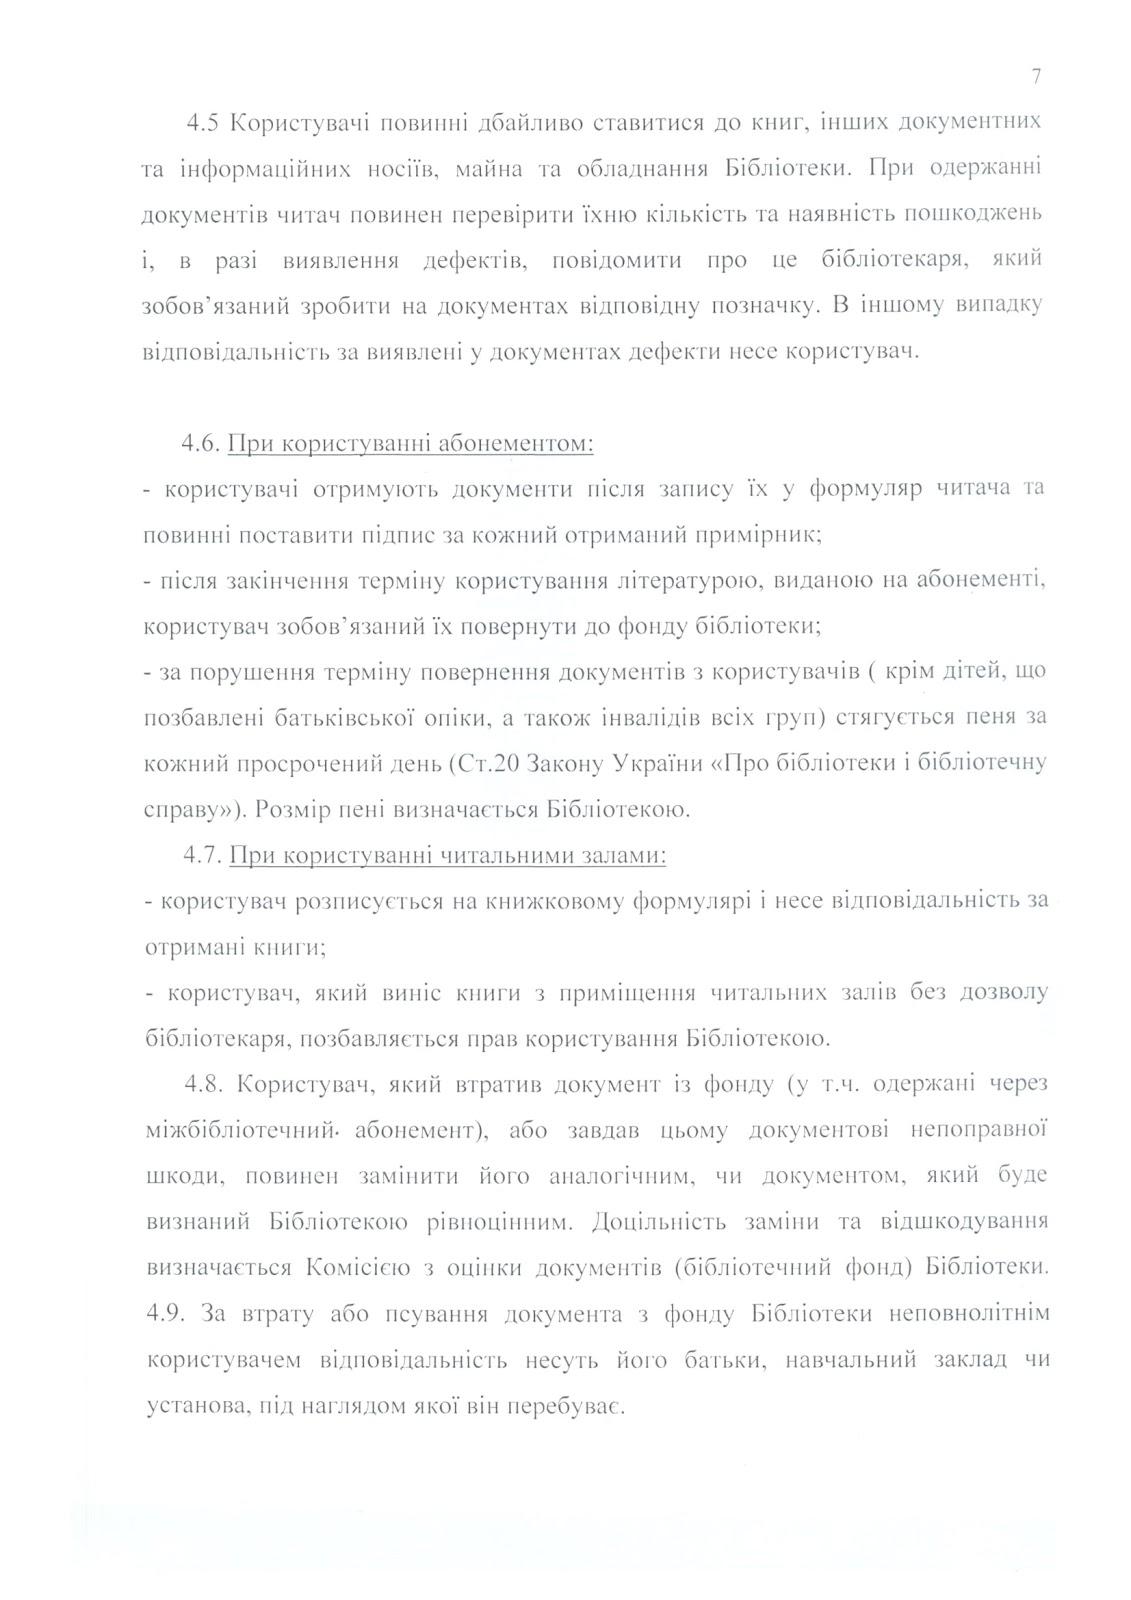 Правила користування ДБУ для юнацтва-7.jpg